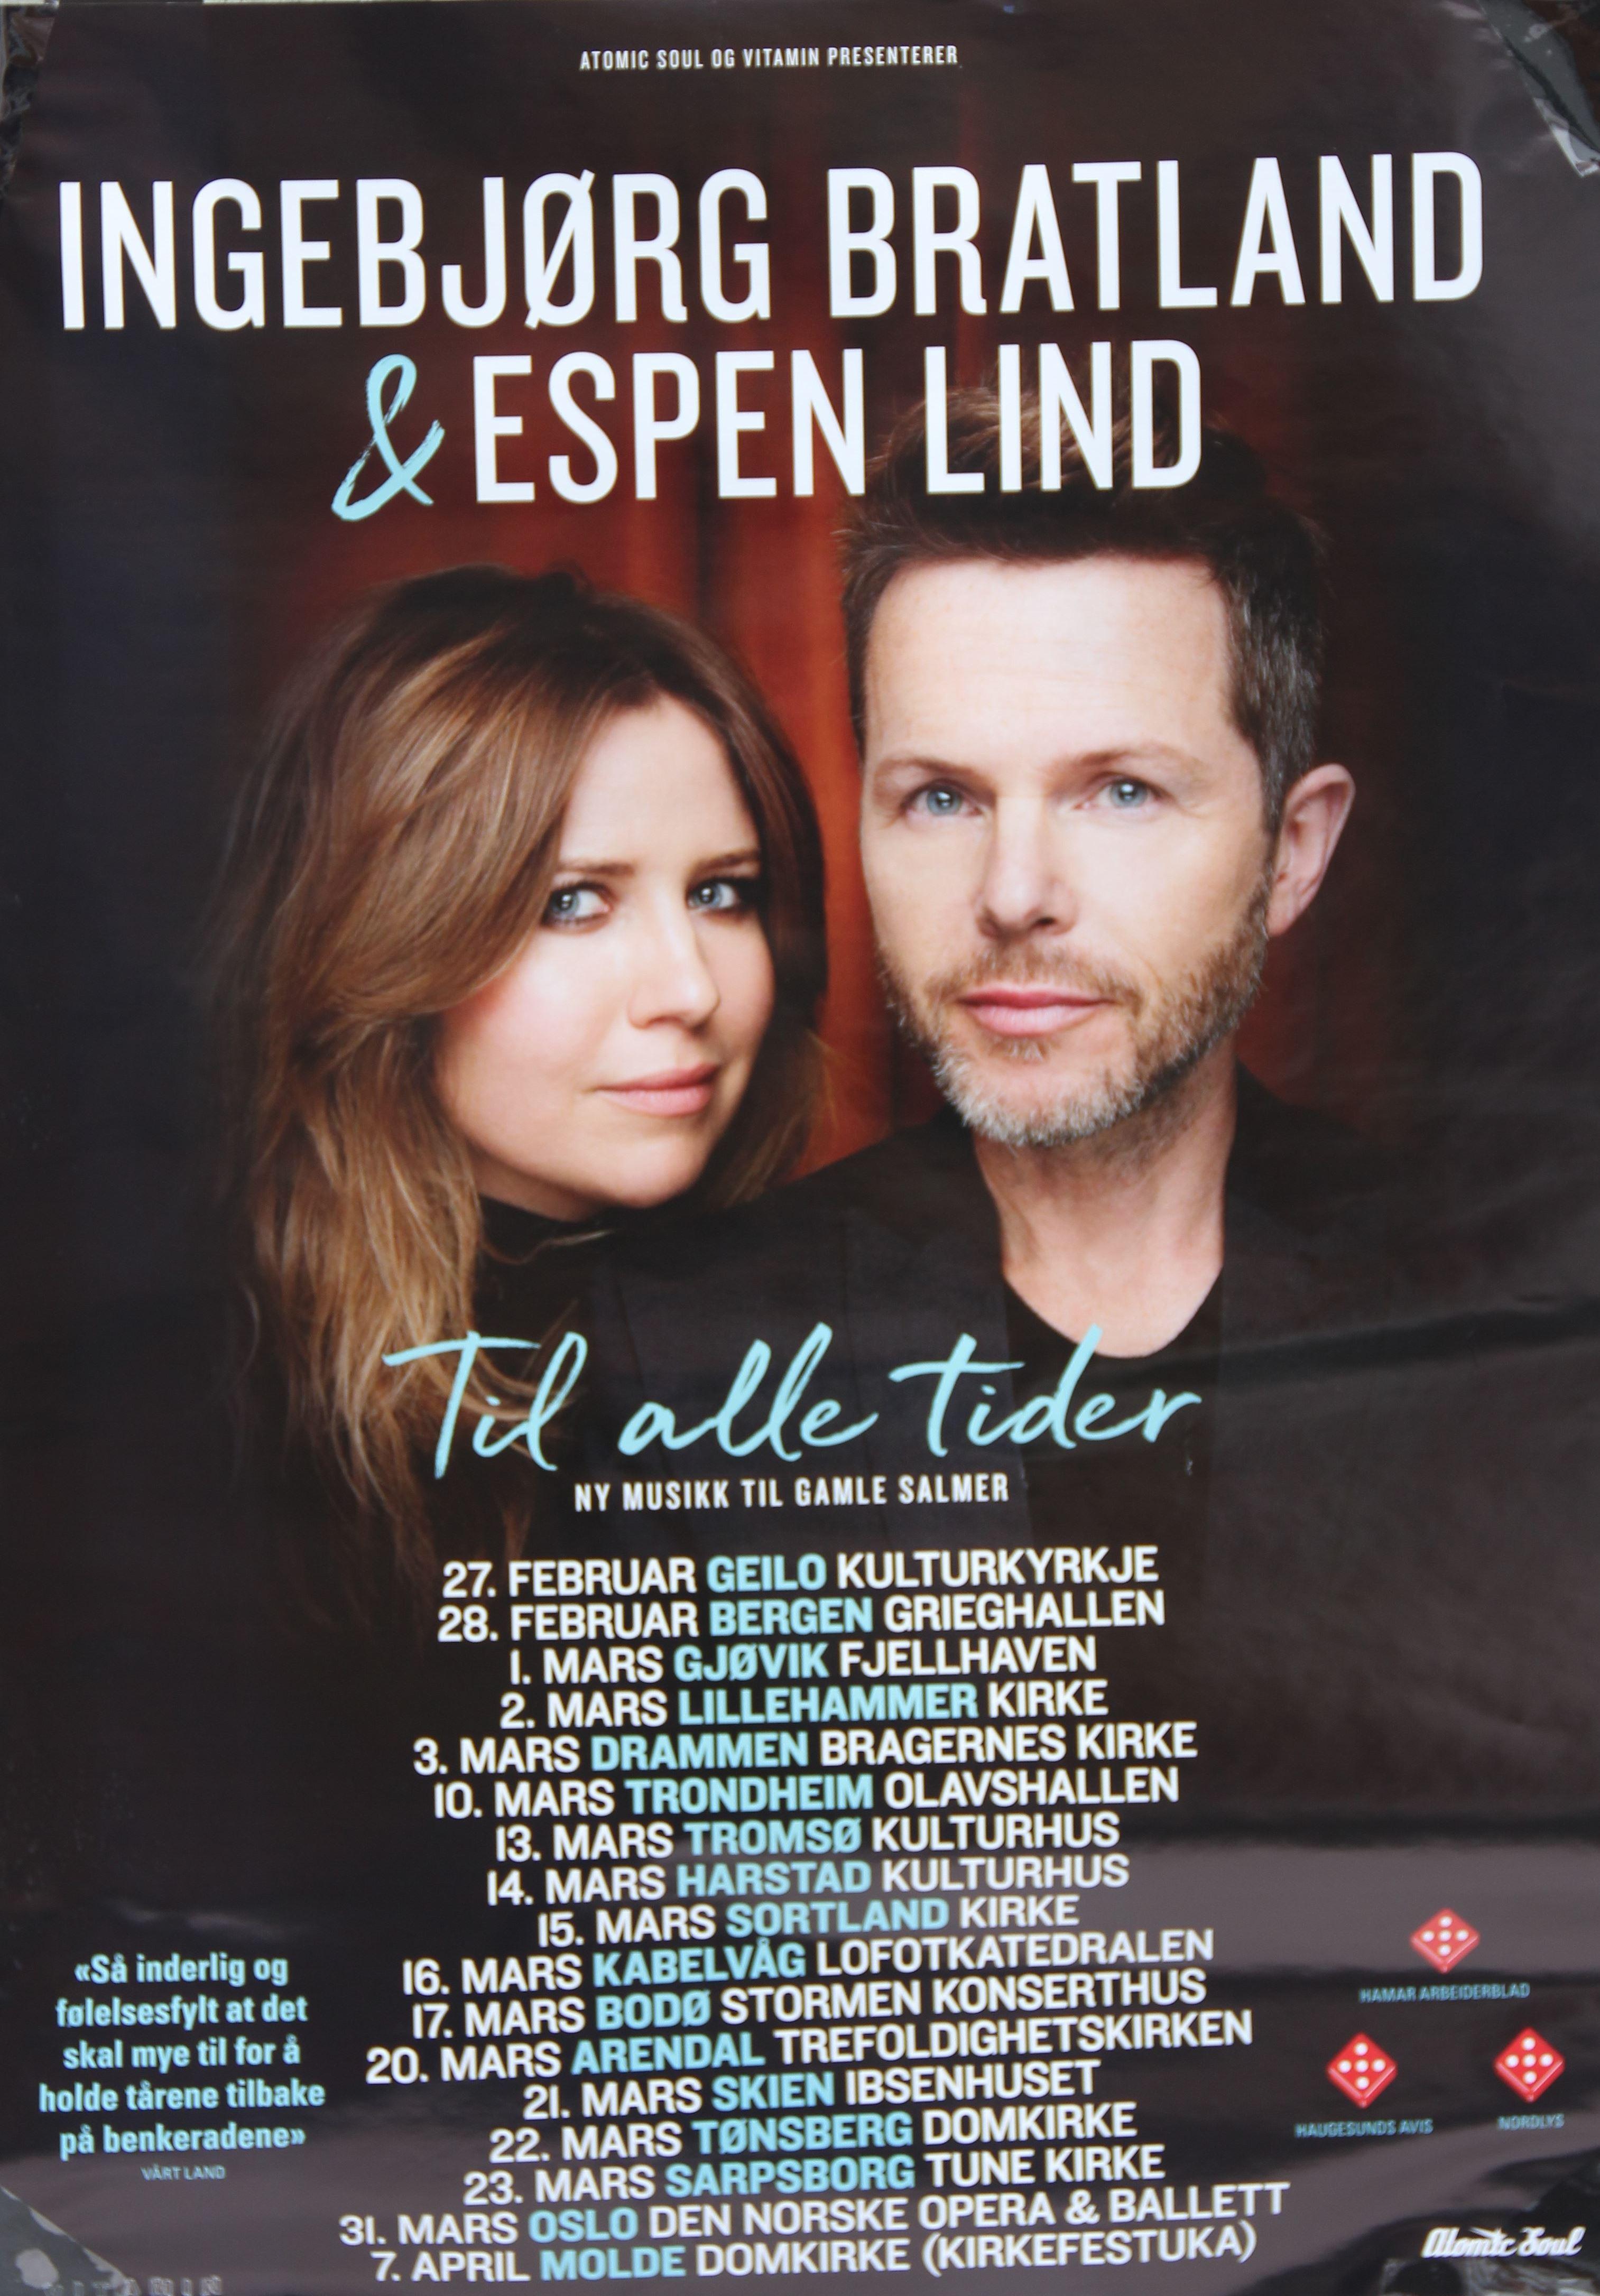 Ingebjørg Bratland og Espen Lind: TIL ALLE TIDER